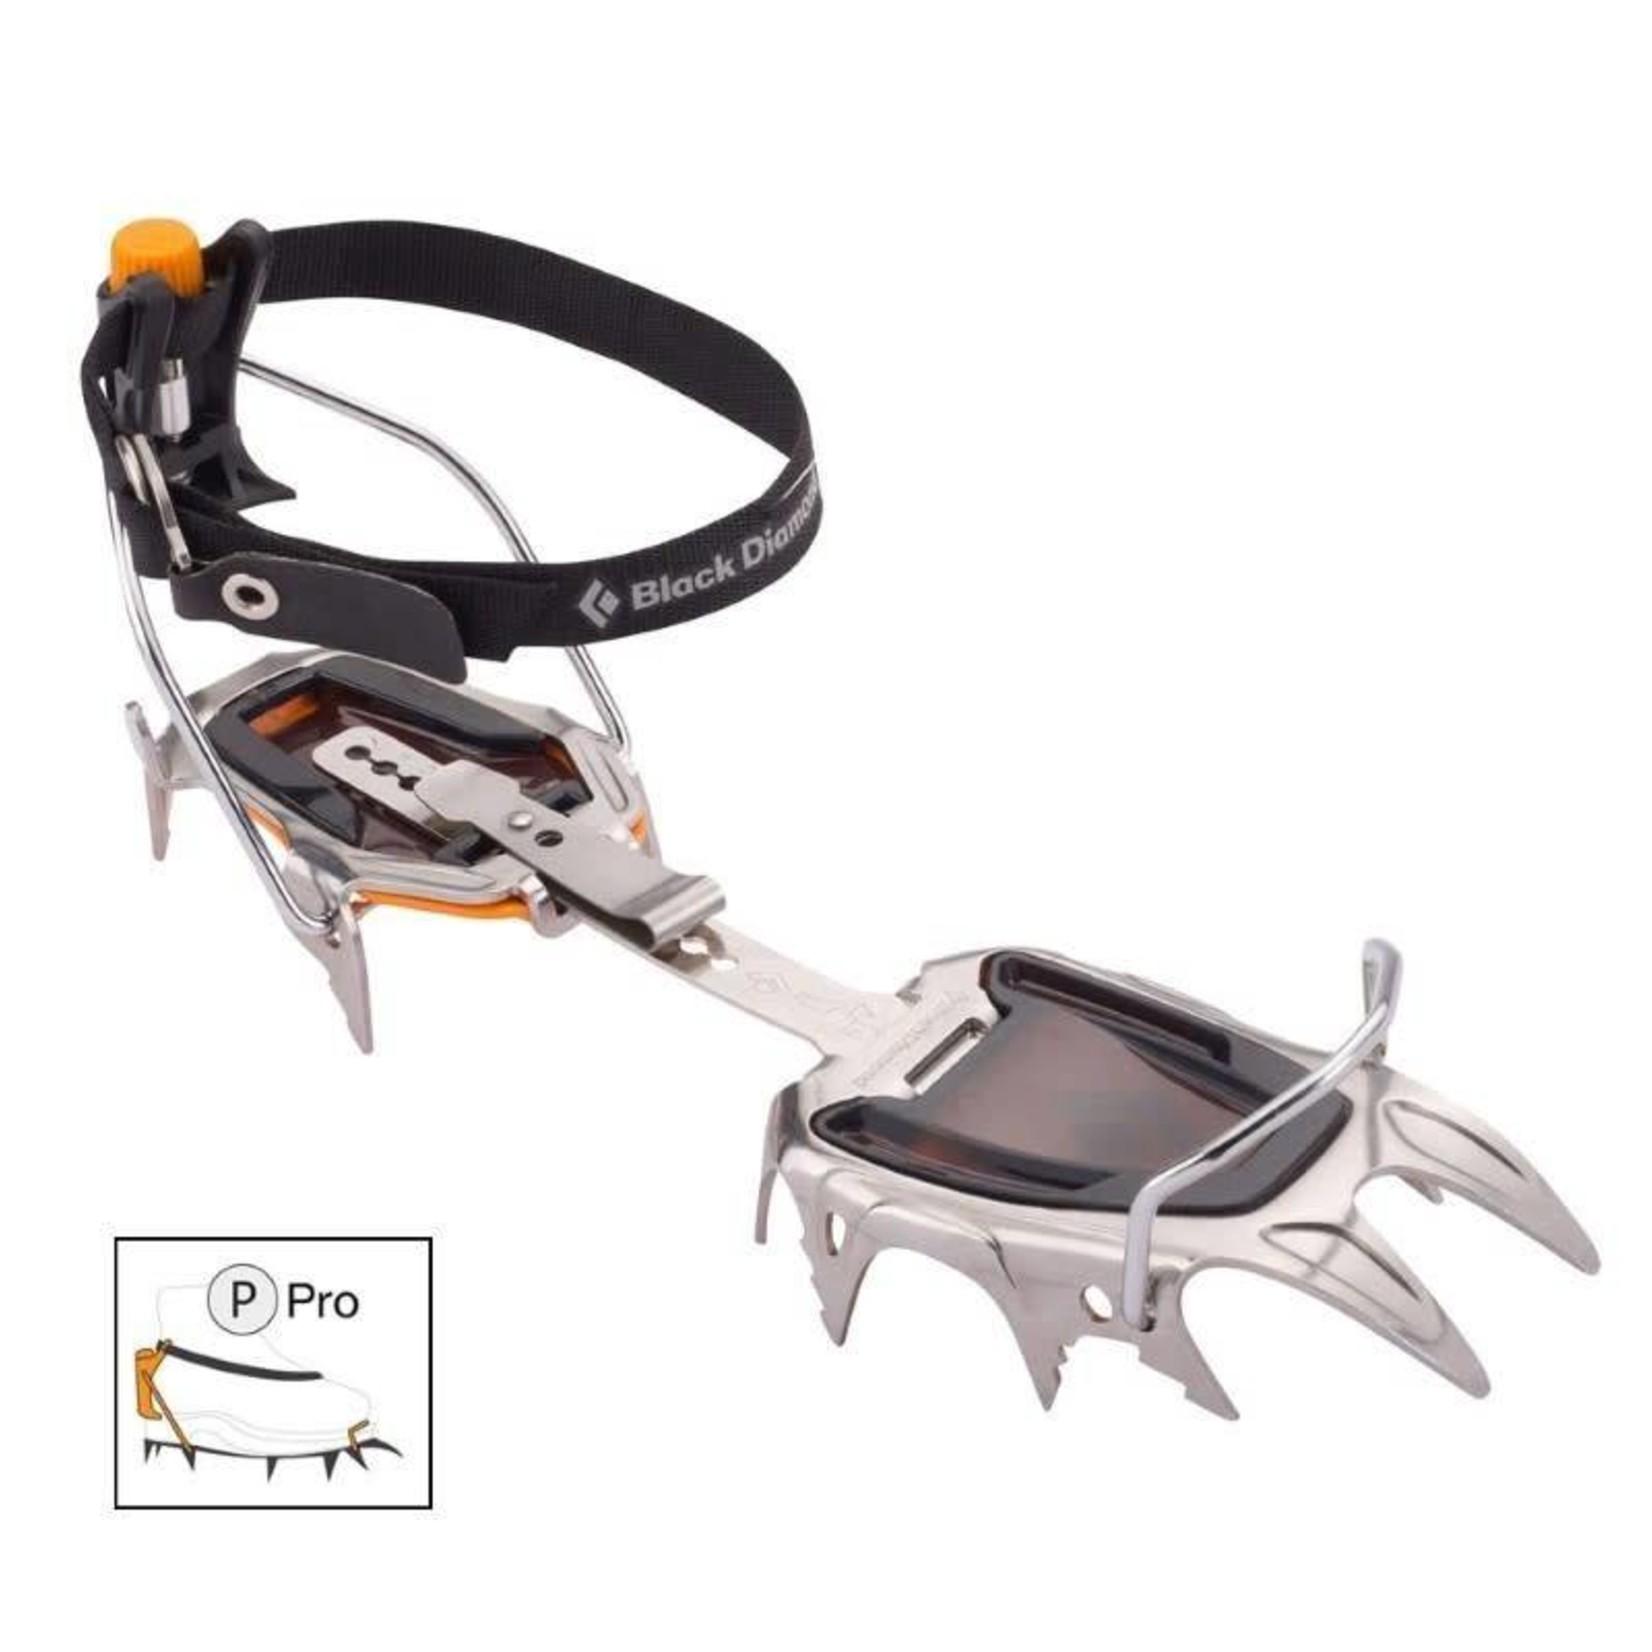 Black Diamond Black Diamond Sabretooth Crampon